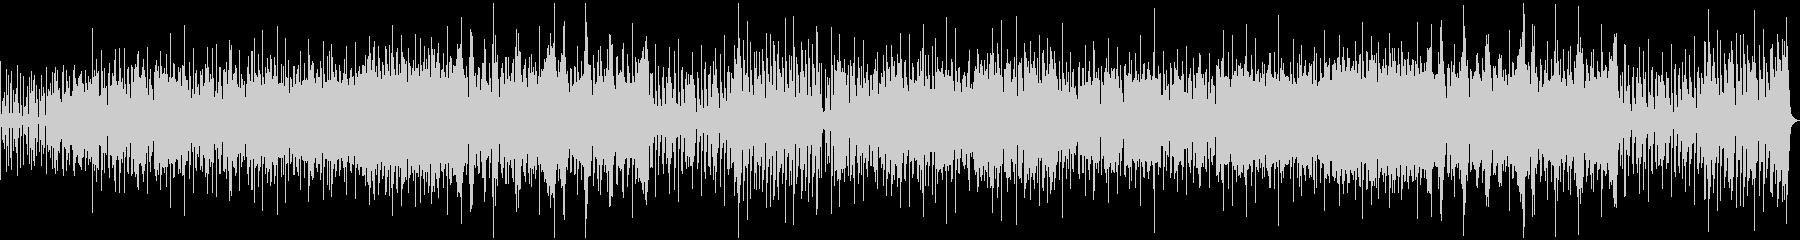 アコーディオン、ピアノ、スペインの...の未再生の波形